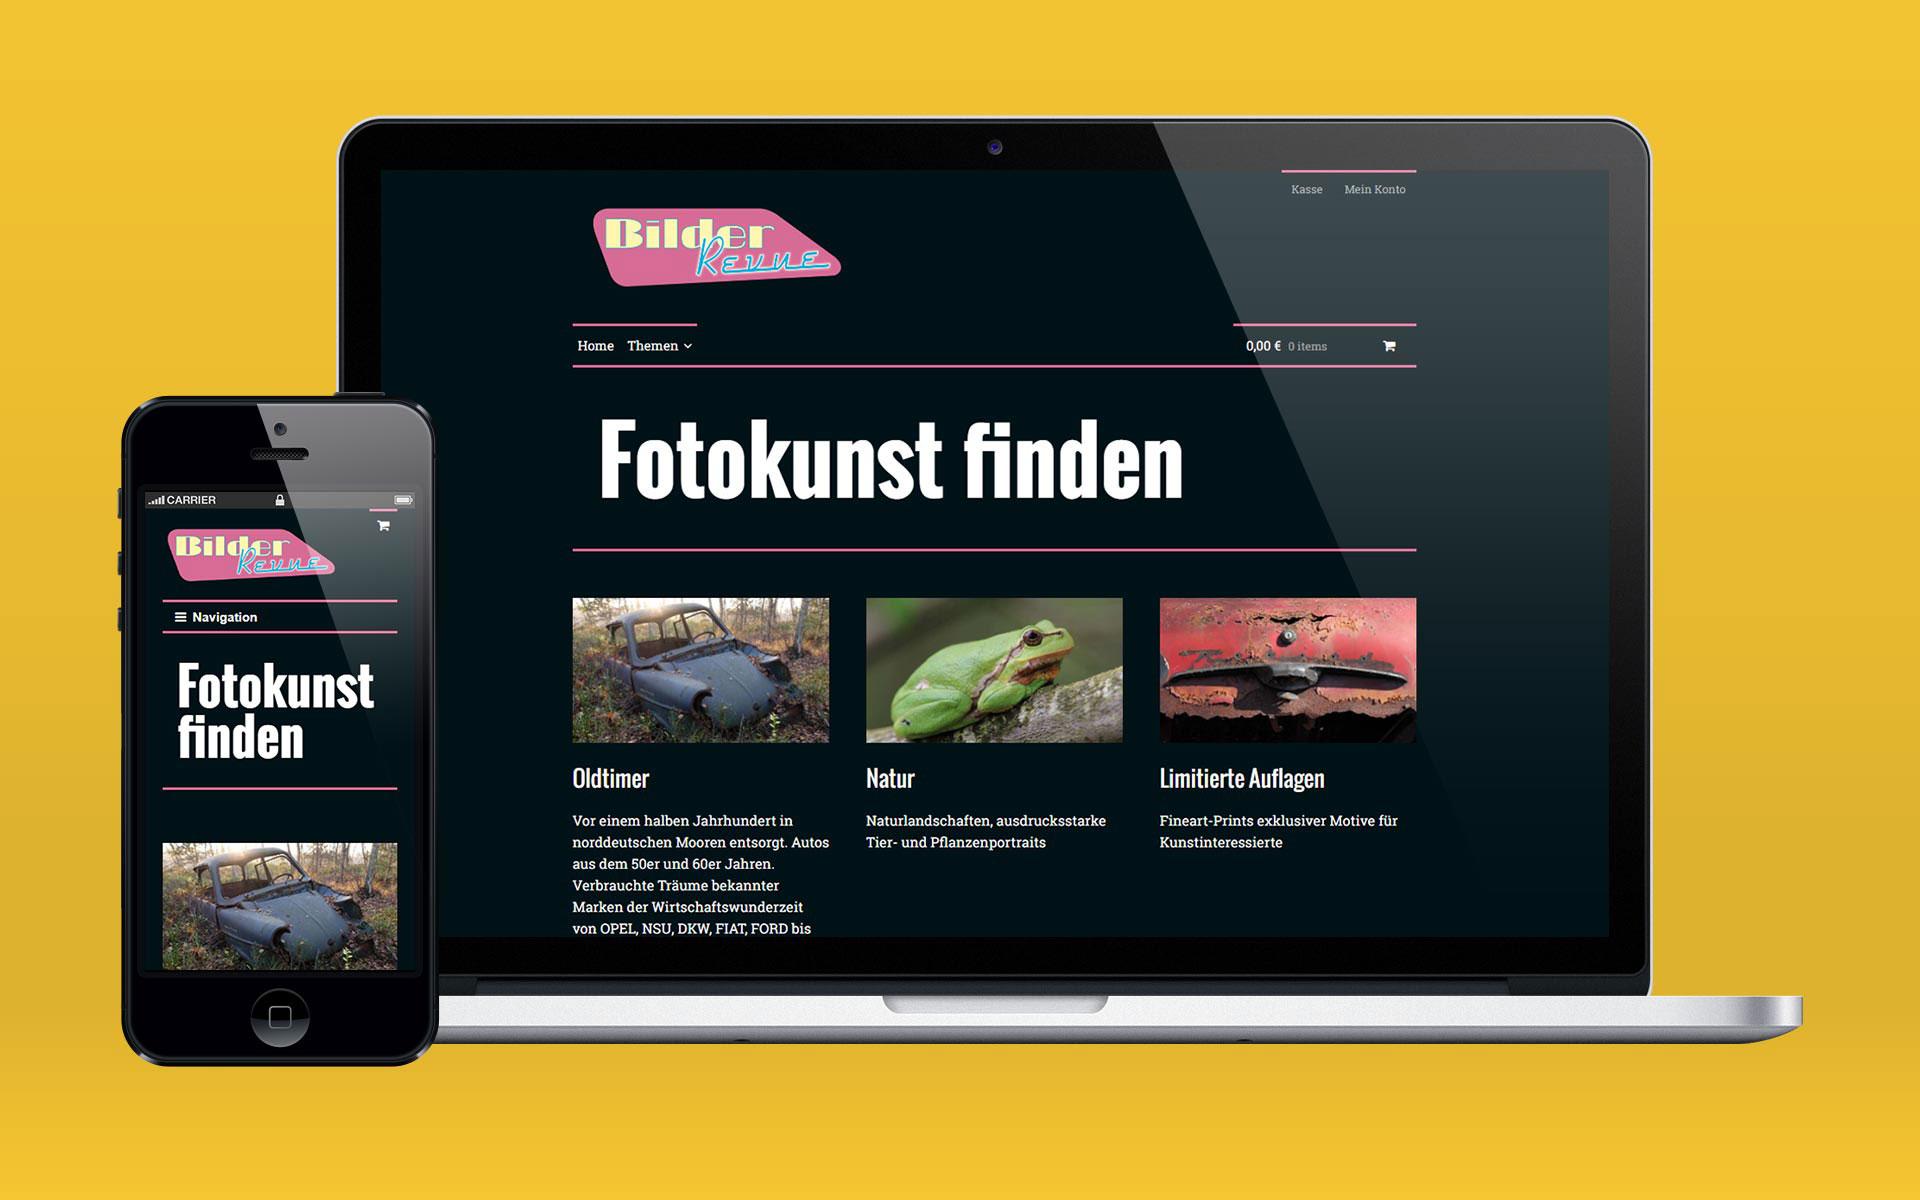 Onlineshop von Bilderrevue, dargestellt auf einem Macbook